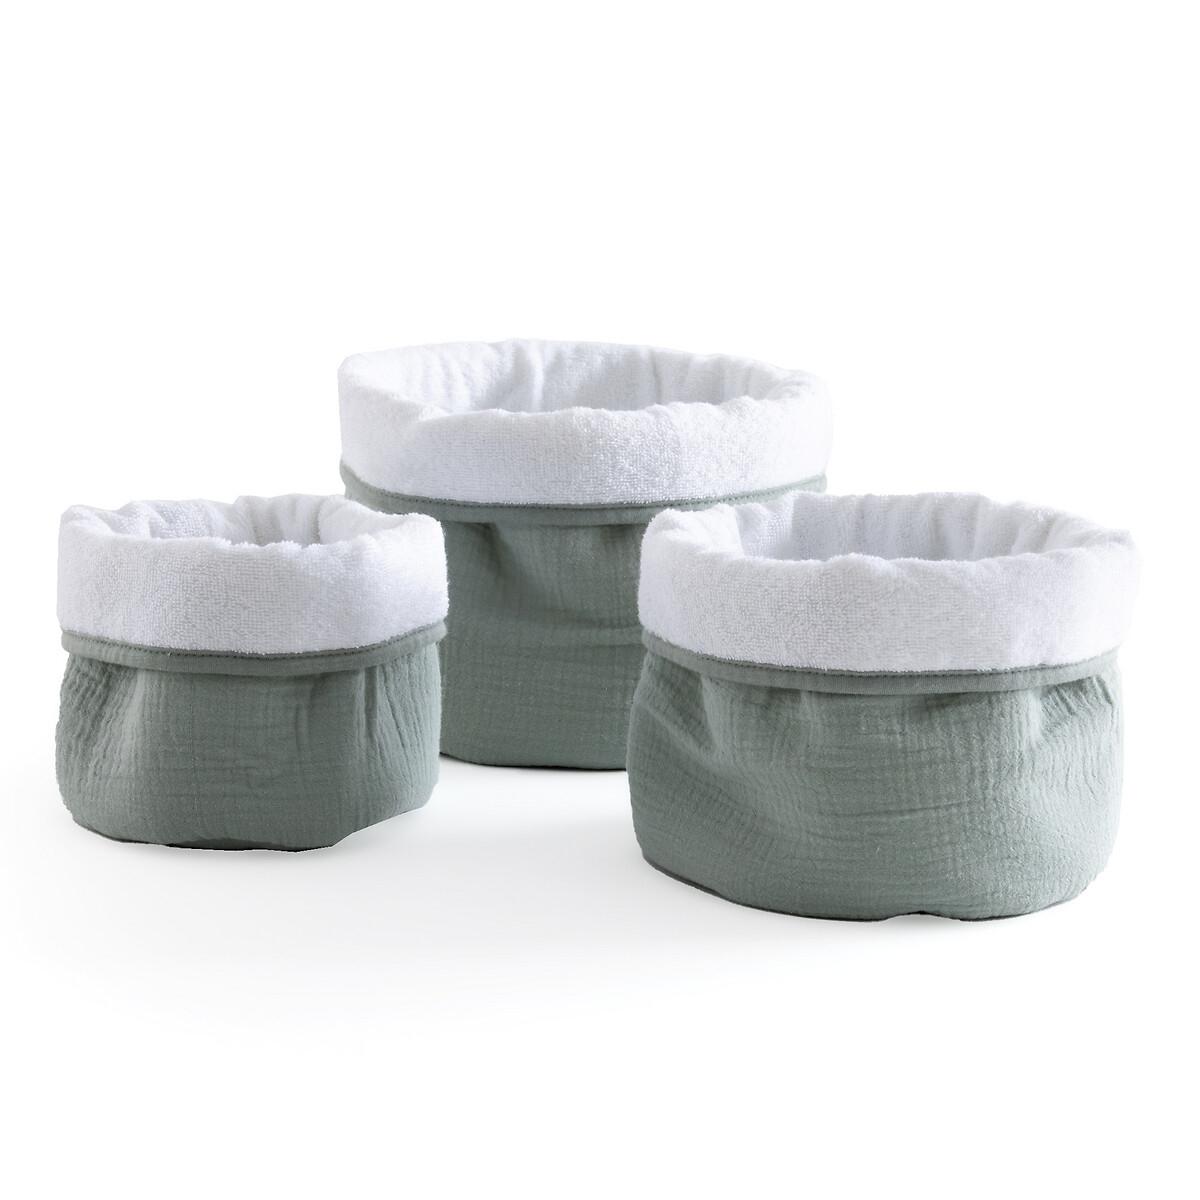 Фото - Комплект из 3 корзин из LaRedoute Хлопчатобумажной газовой ткани Kumla единый размер зеленый покрывало la redoute кроватное из газовой ткани биохлопок cuddly единый размер розовый